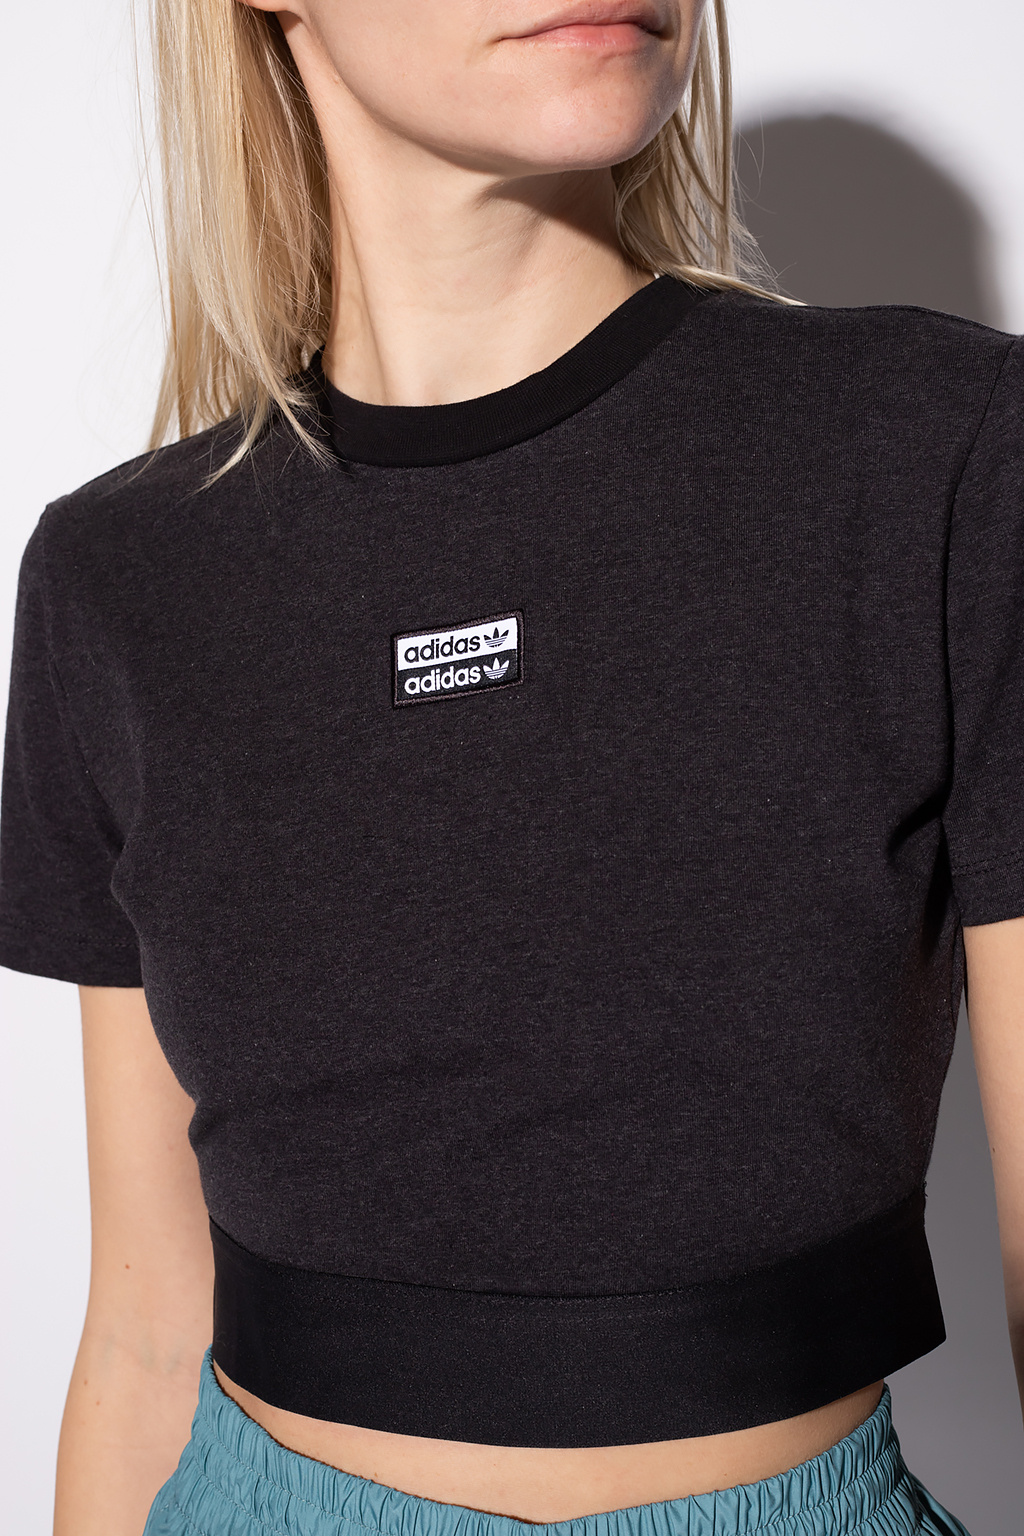 ADIDAS Originals T-shirt with logo